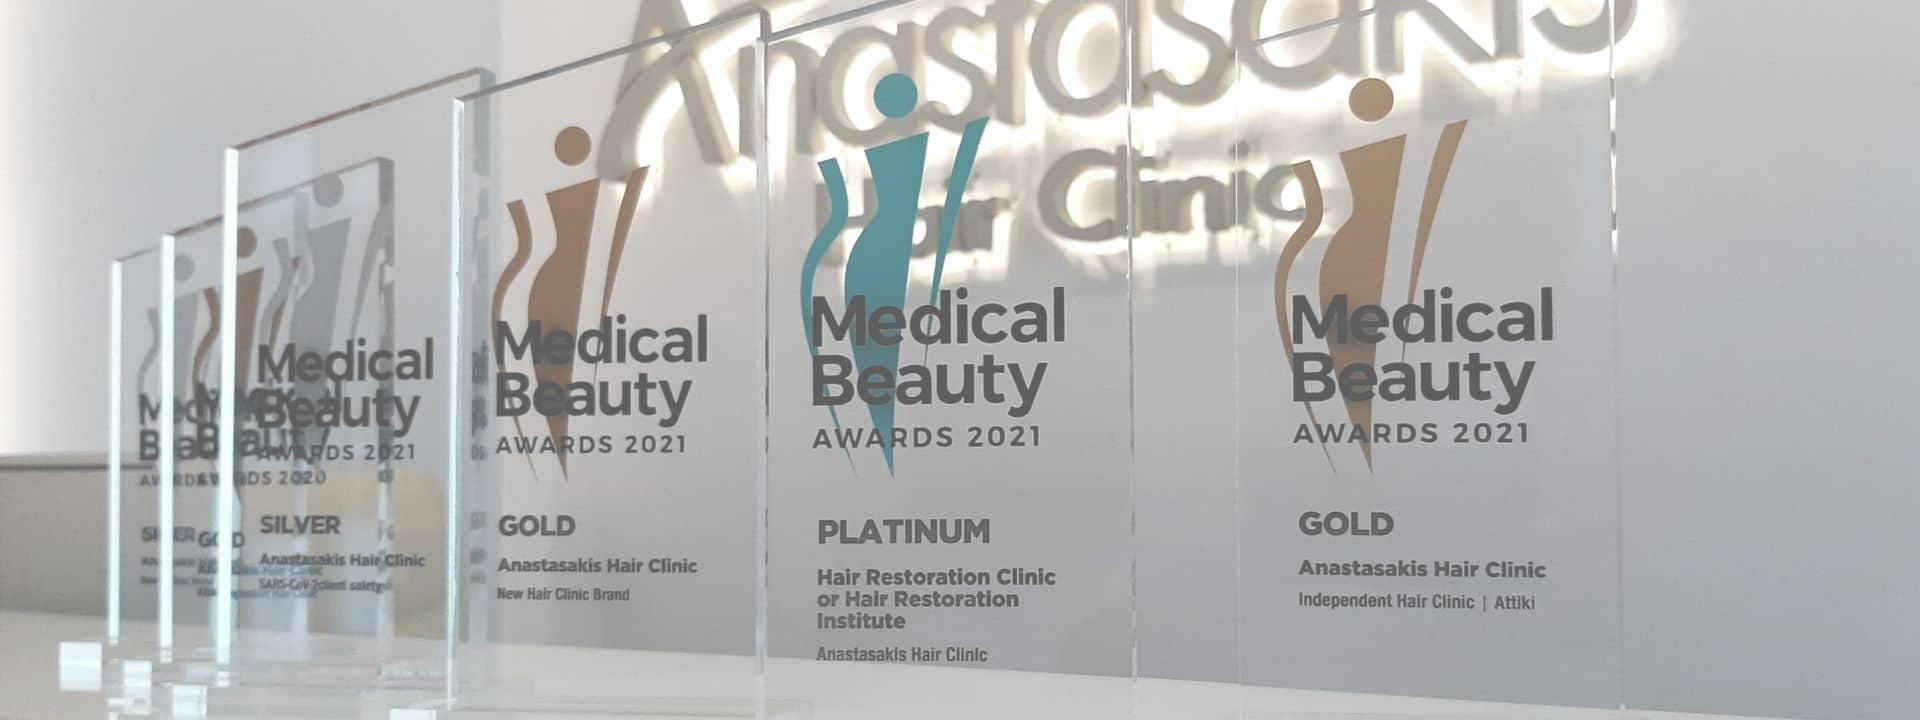 anastasakis-hair-clinic-medical-beauty-awards-2021-ahc-slider